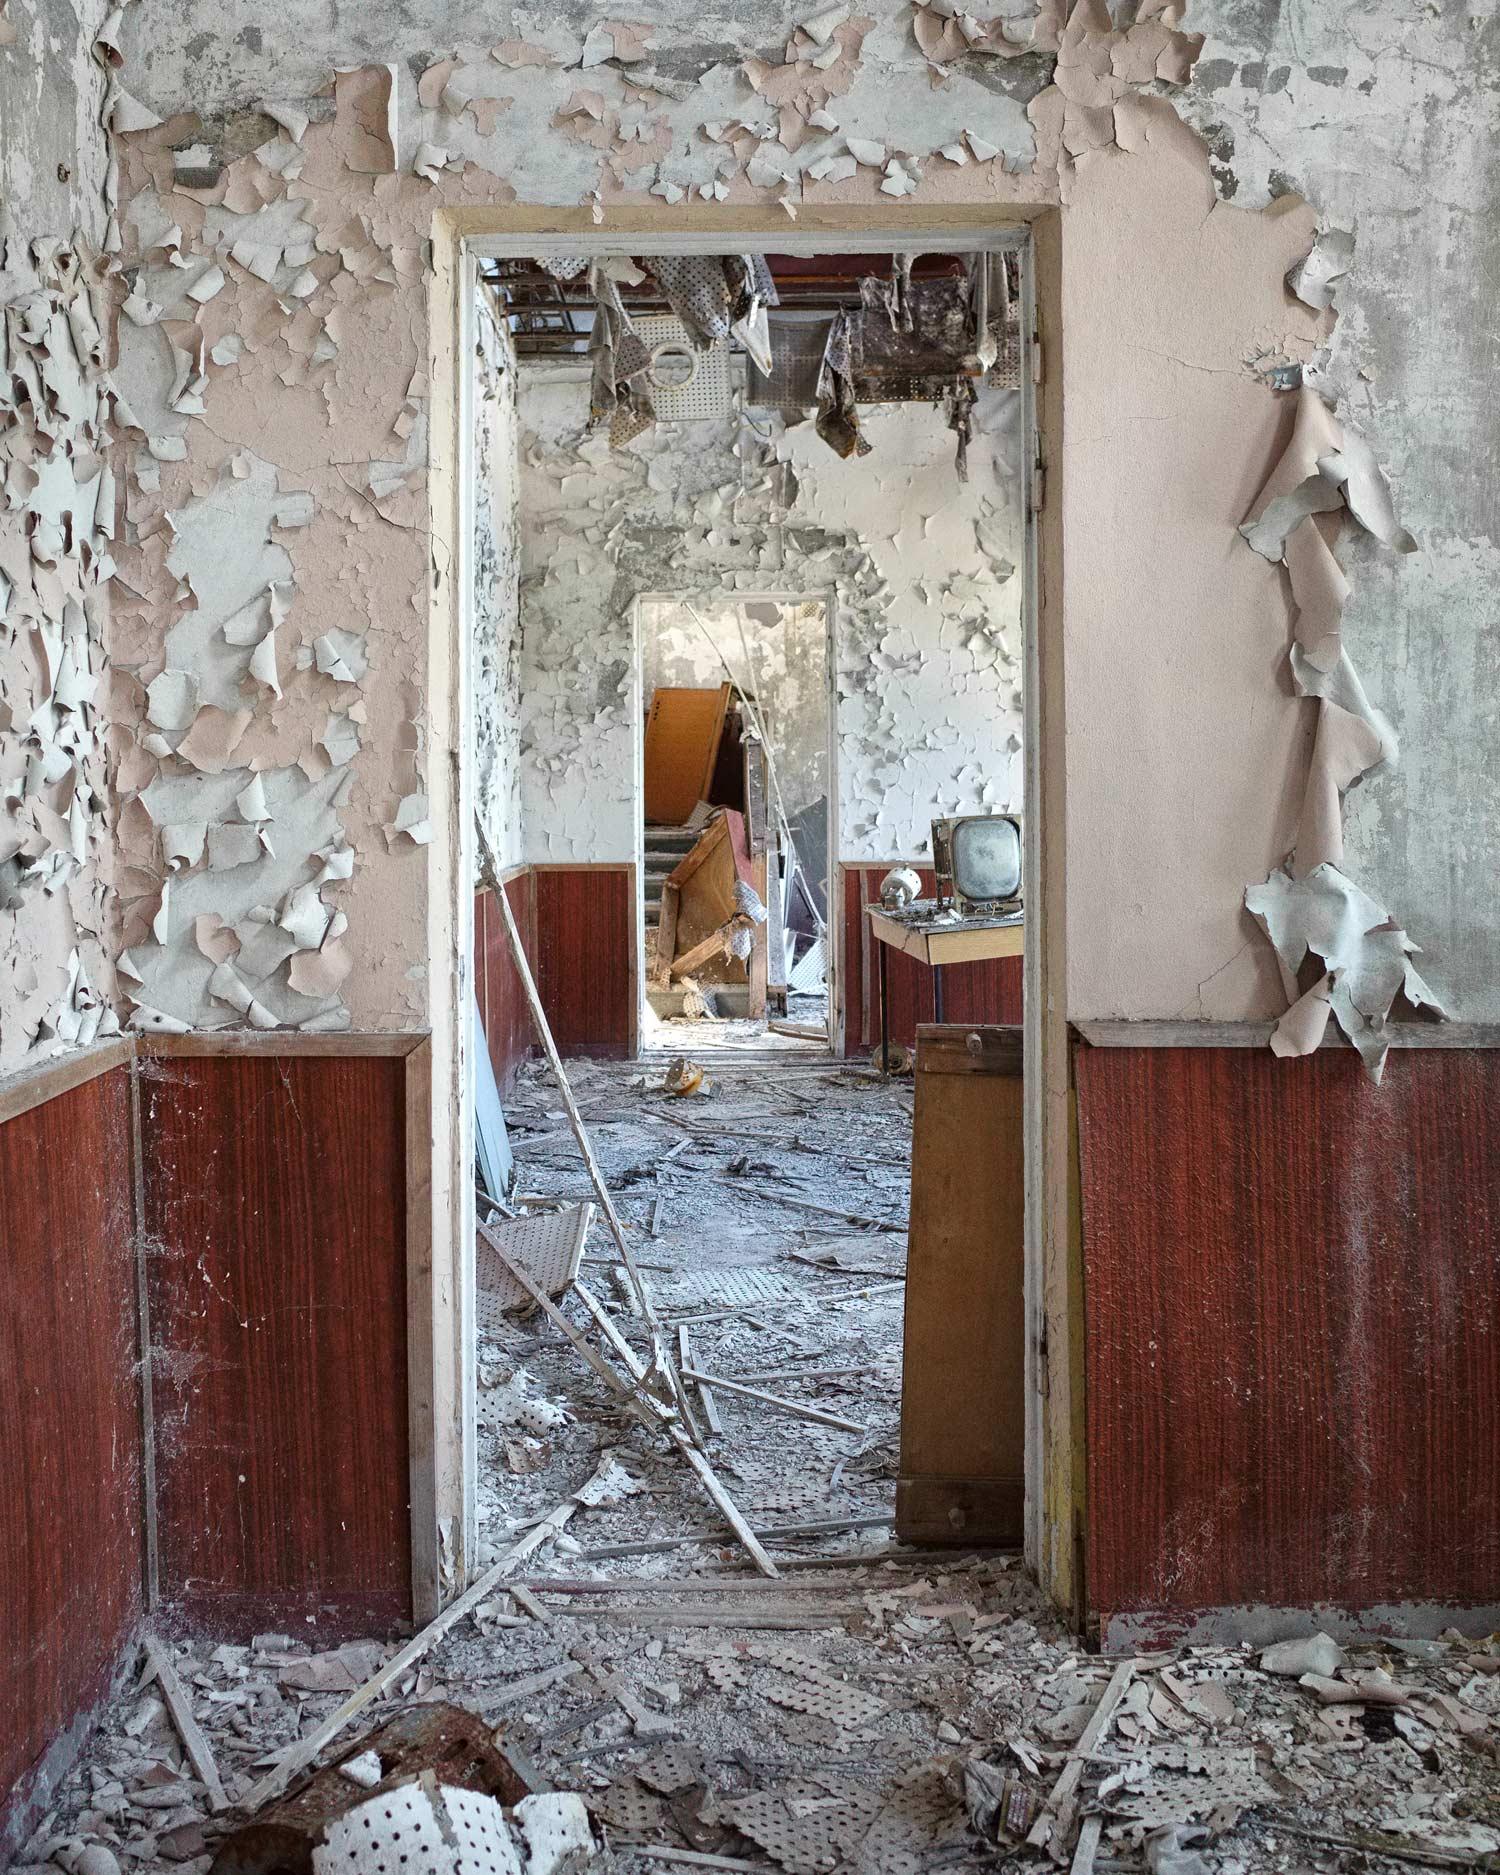 264_chernobyl_Chernobyl2_ControlCenter_w.jpg